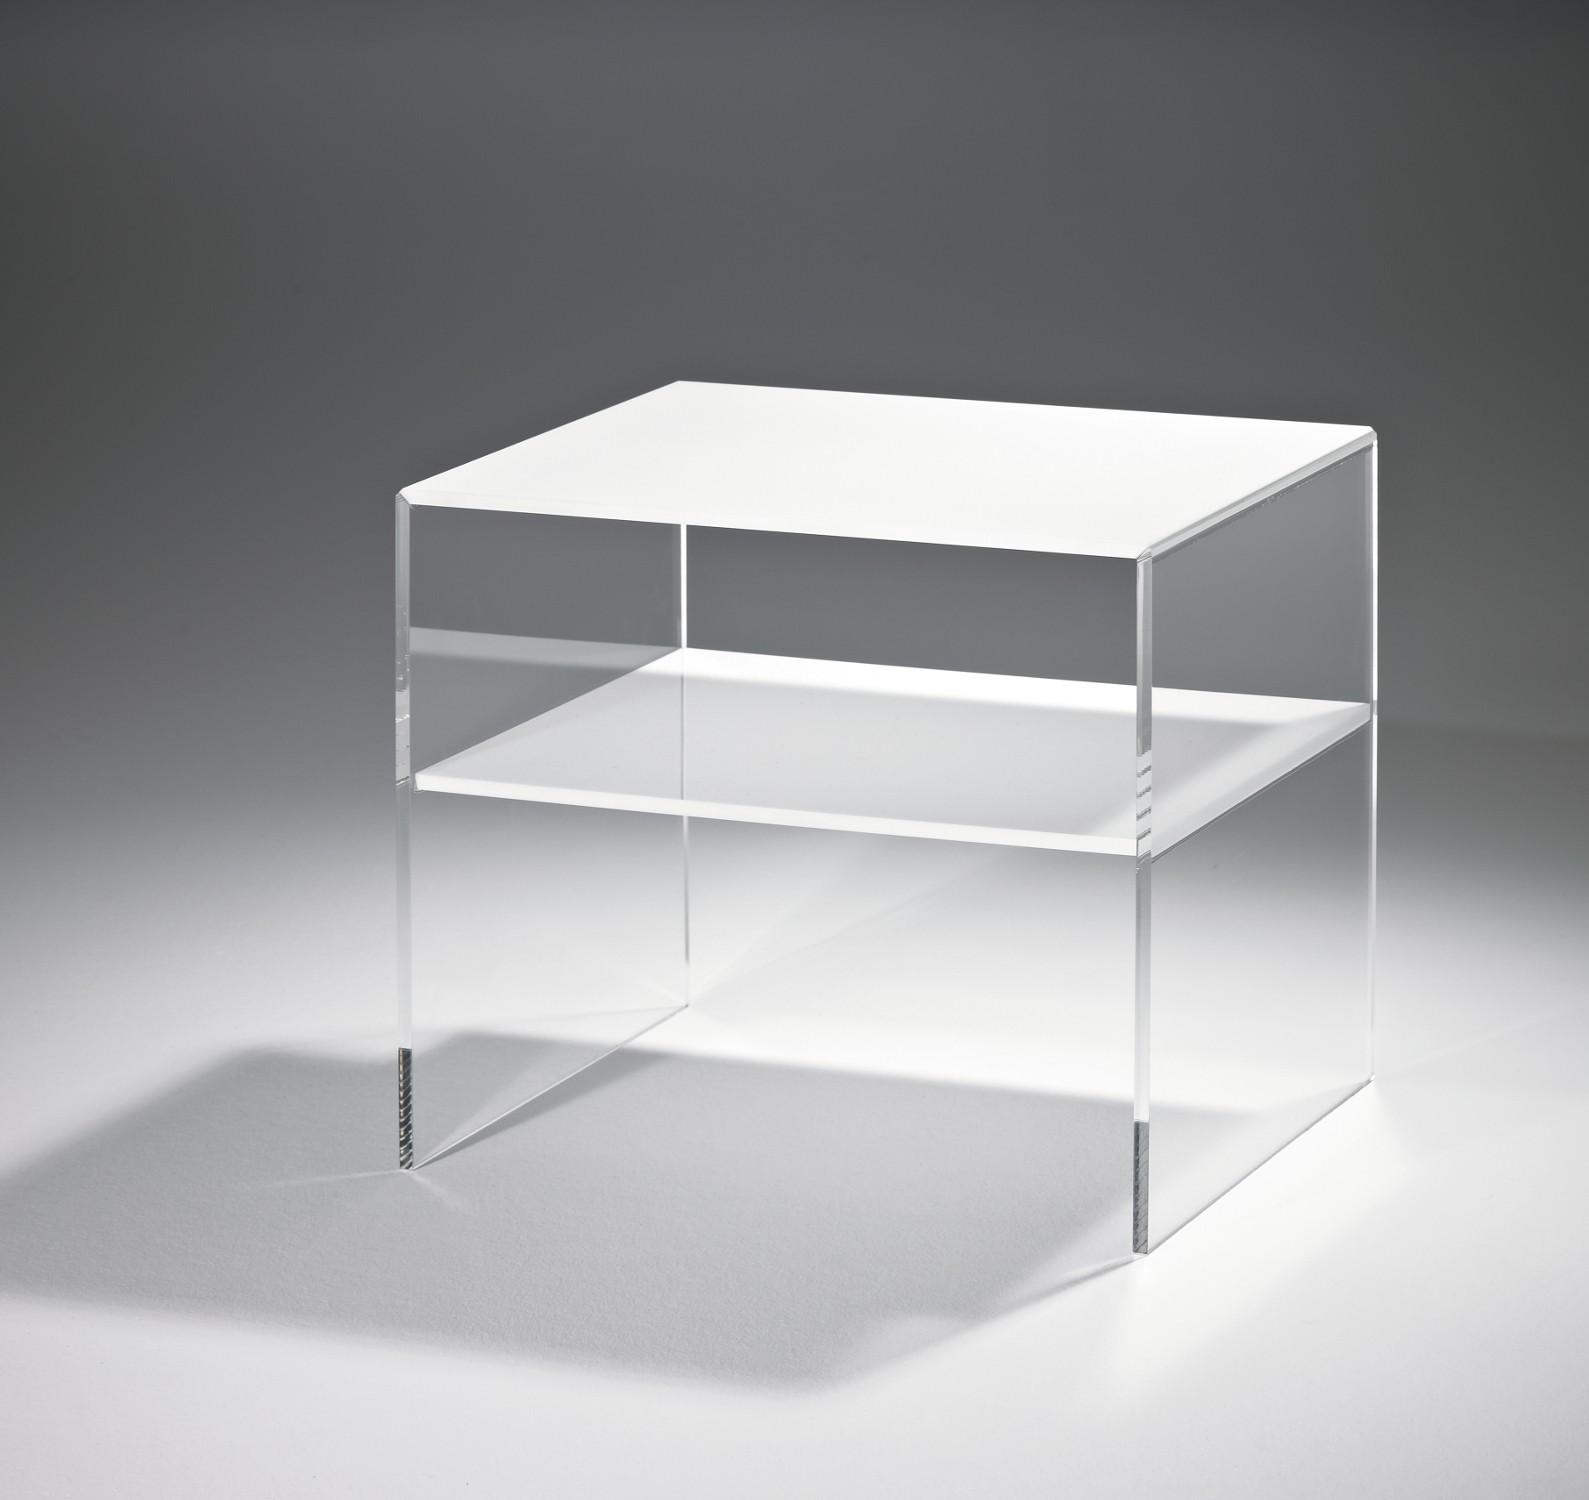 beistelltisch las vegas breite 56 cm acrylglas wei wohnen las vegas. Black Bedroom Furniture Sets. Home Design Ideas